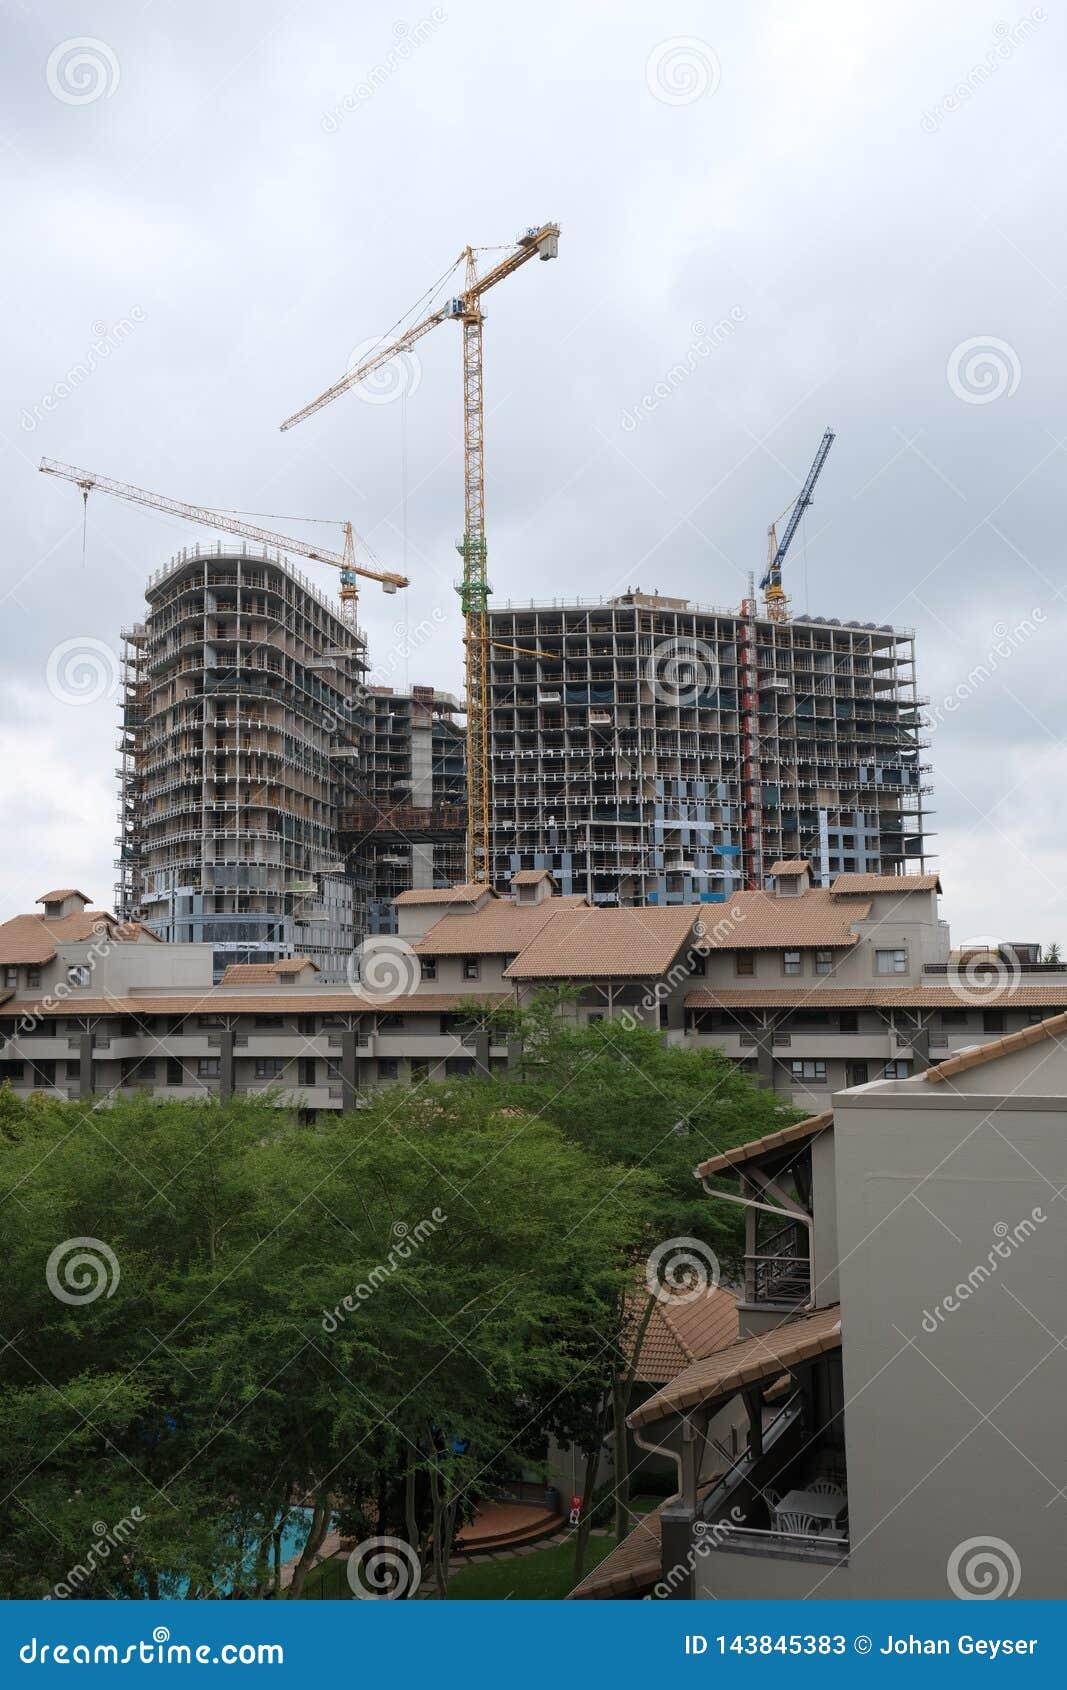 Bouw van een high-rise gebouw in Sandton, Johannesburg, Soiuth Afrika op 2 April 2019